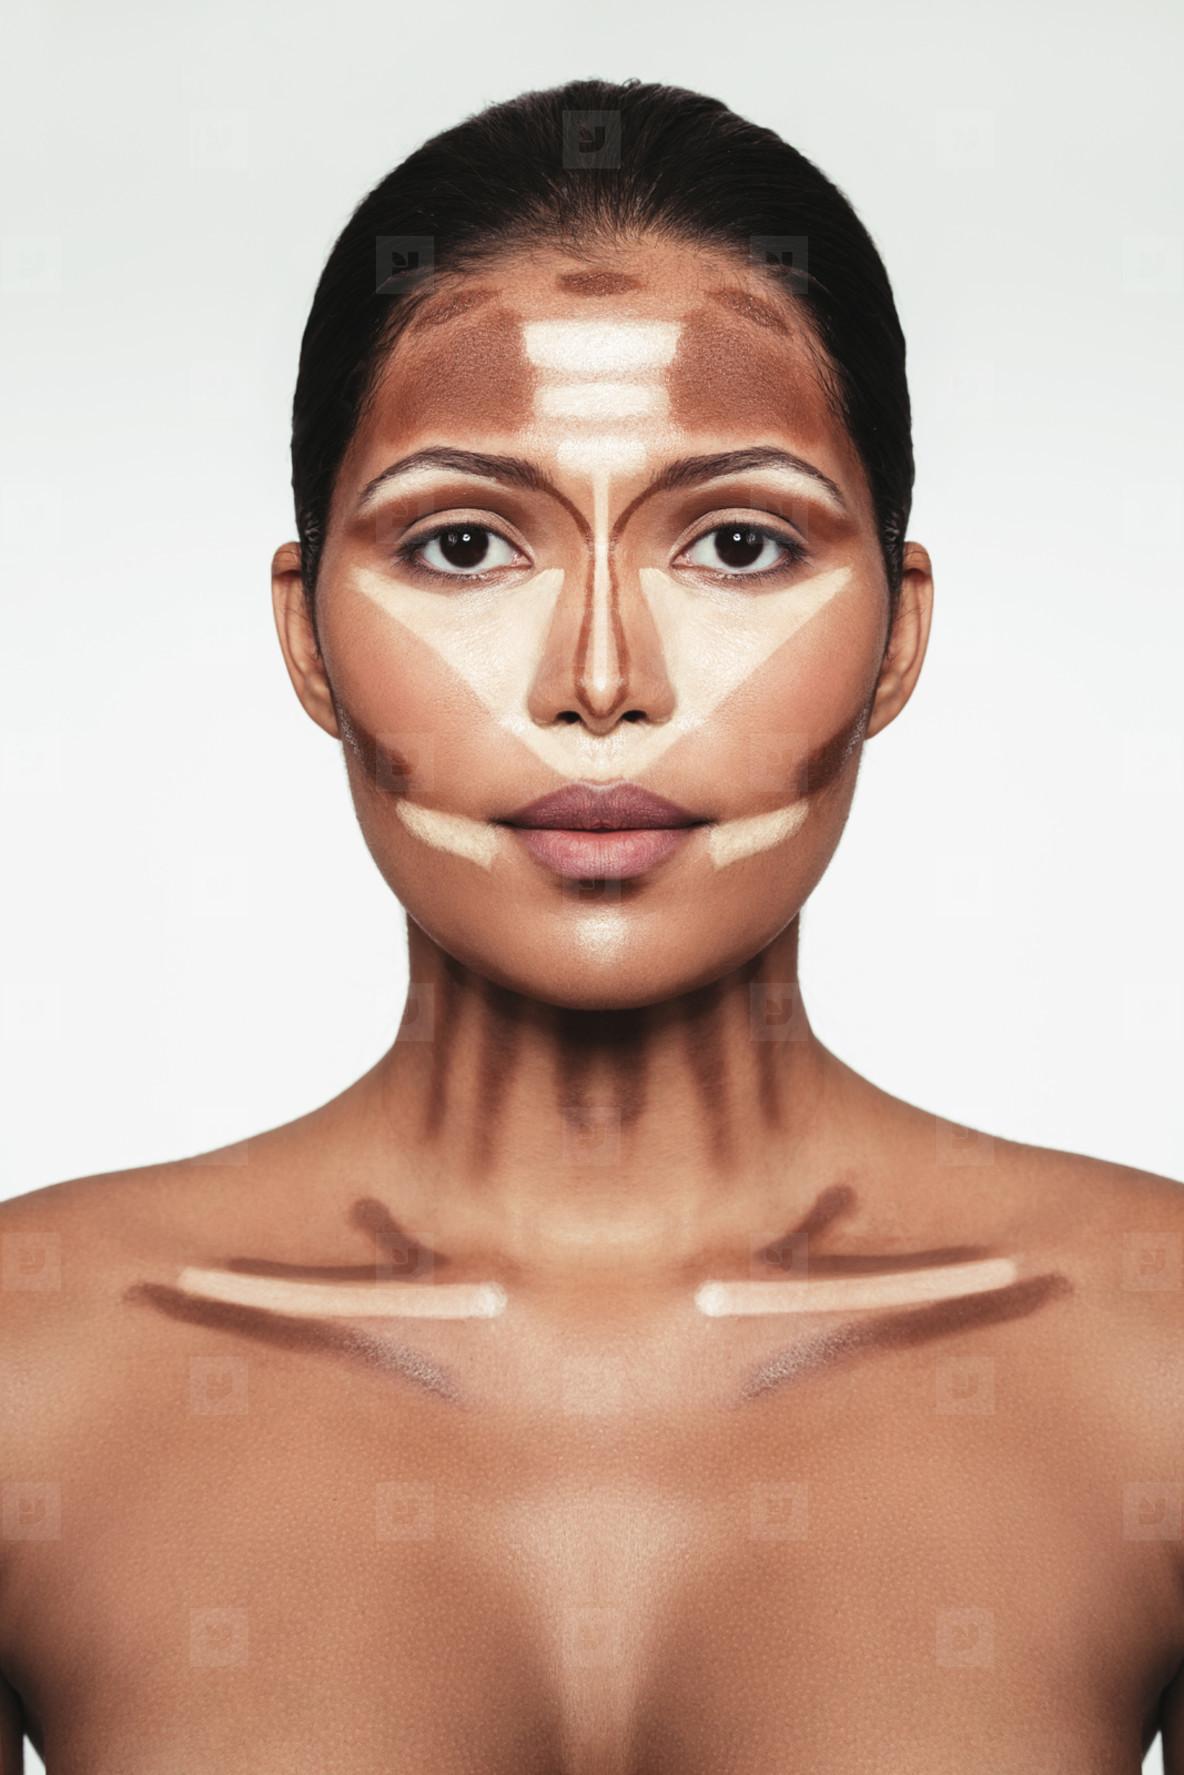 Professional contouring face makeup technique